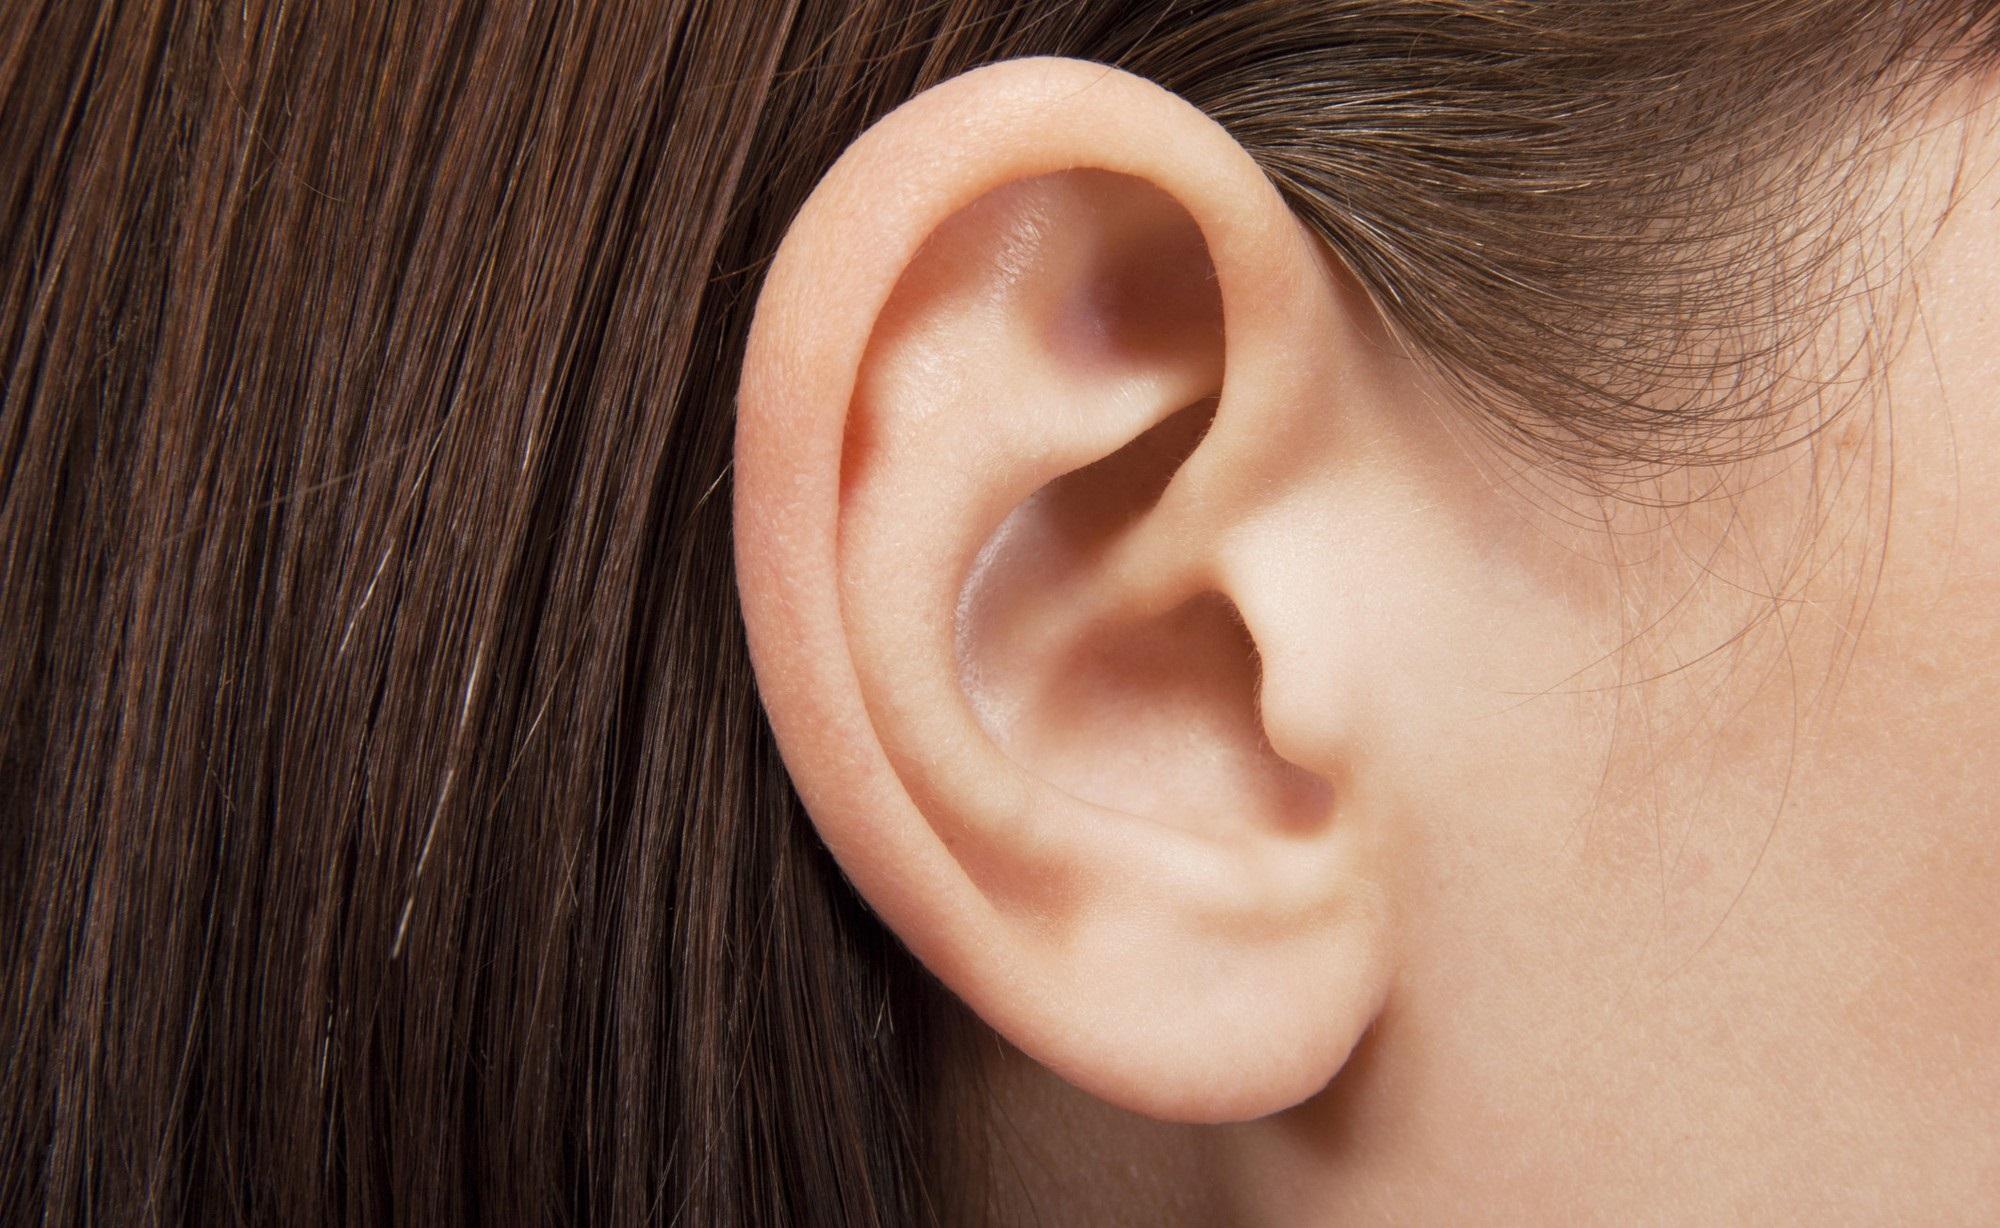 4 dấu hiệu bất thường ở đôi tai cảnh báo hàng loạt vấn đề sức khỏe tai hại mà bạn đang gặp phải - Ảnh 1